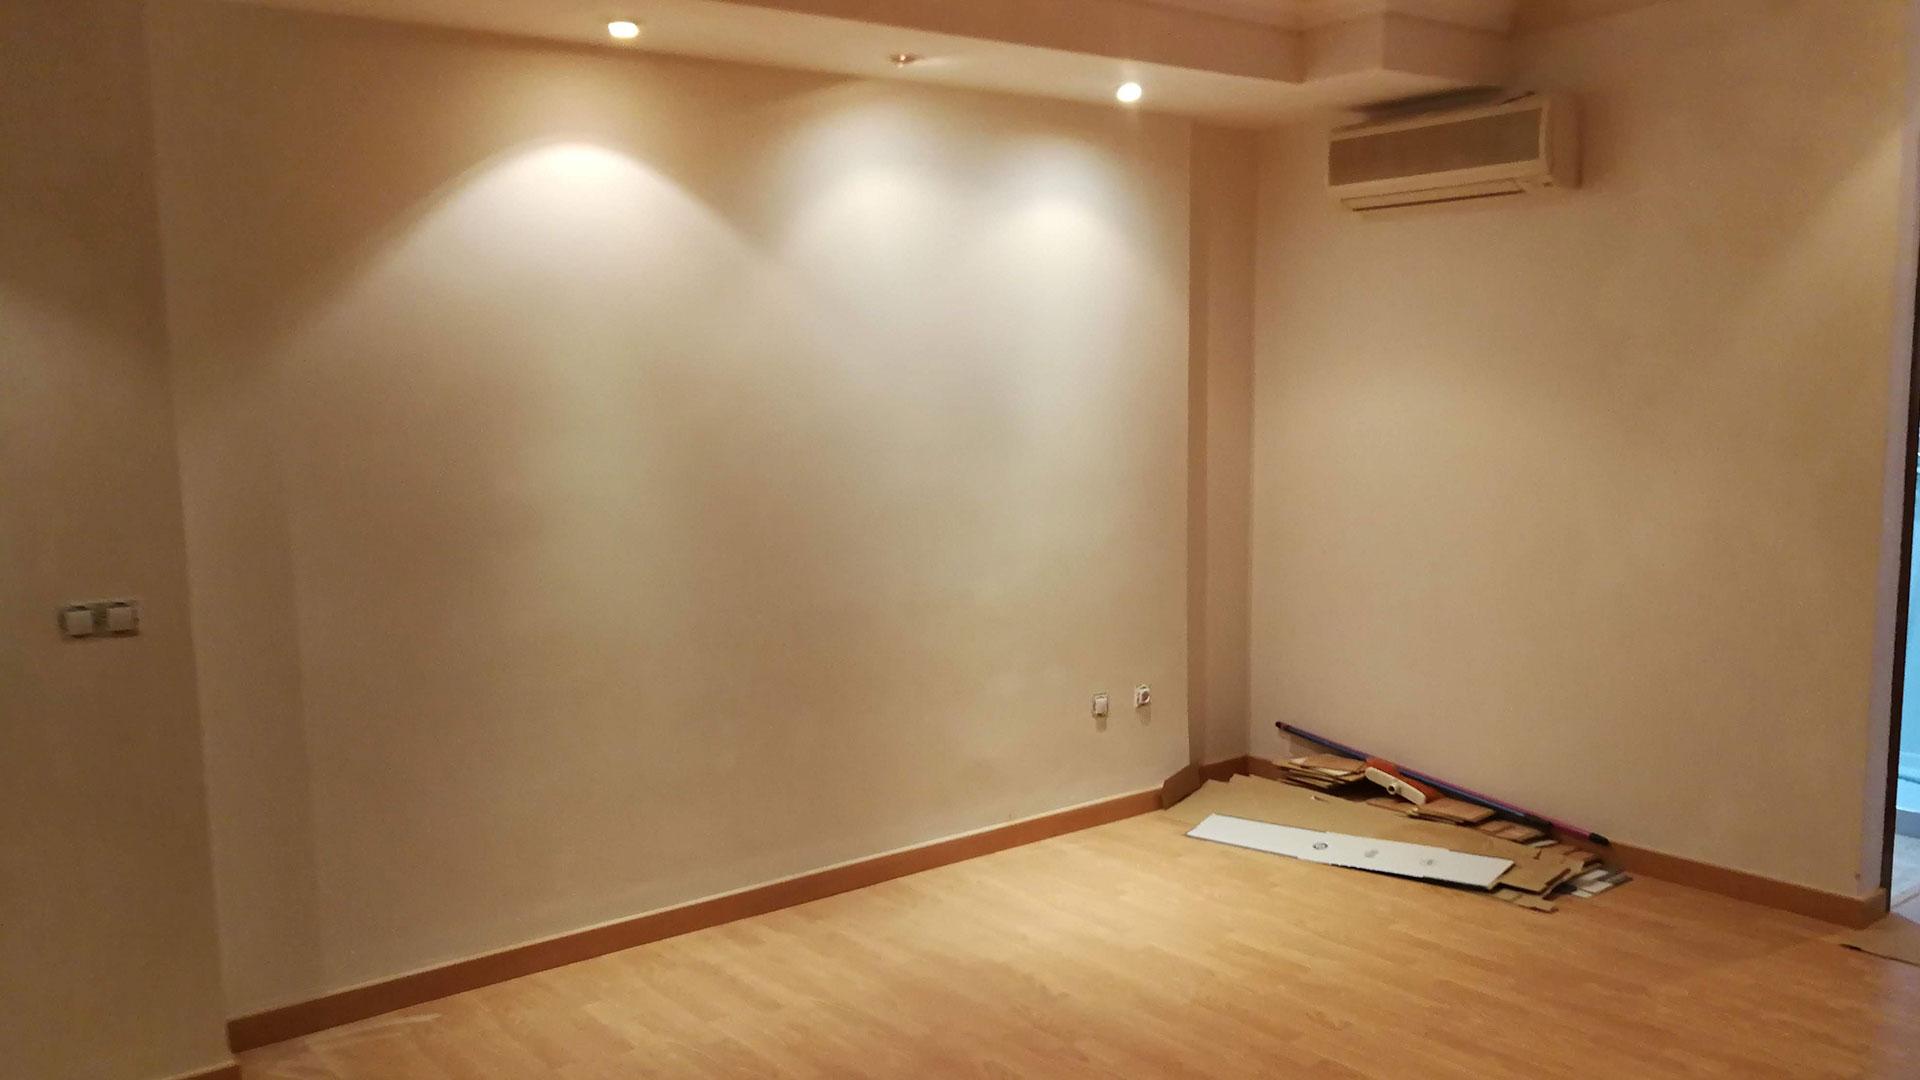 Interiores-08